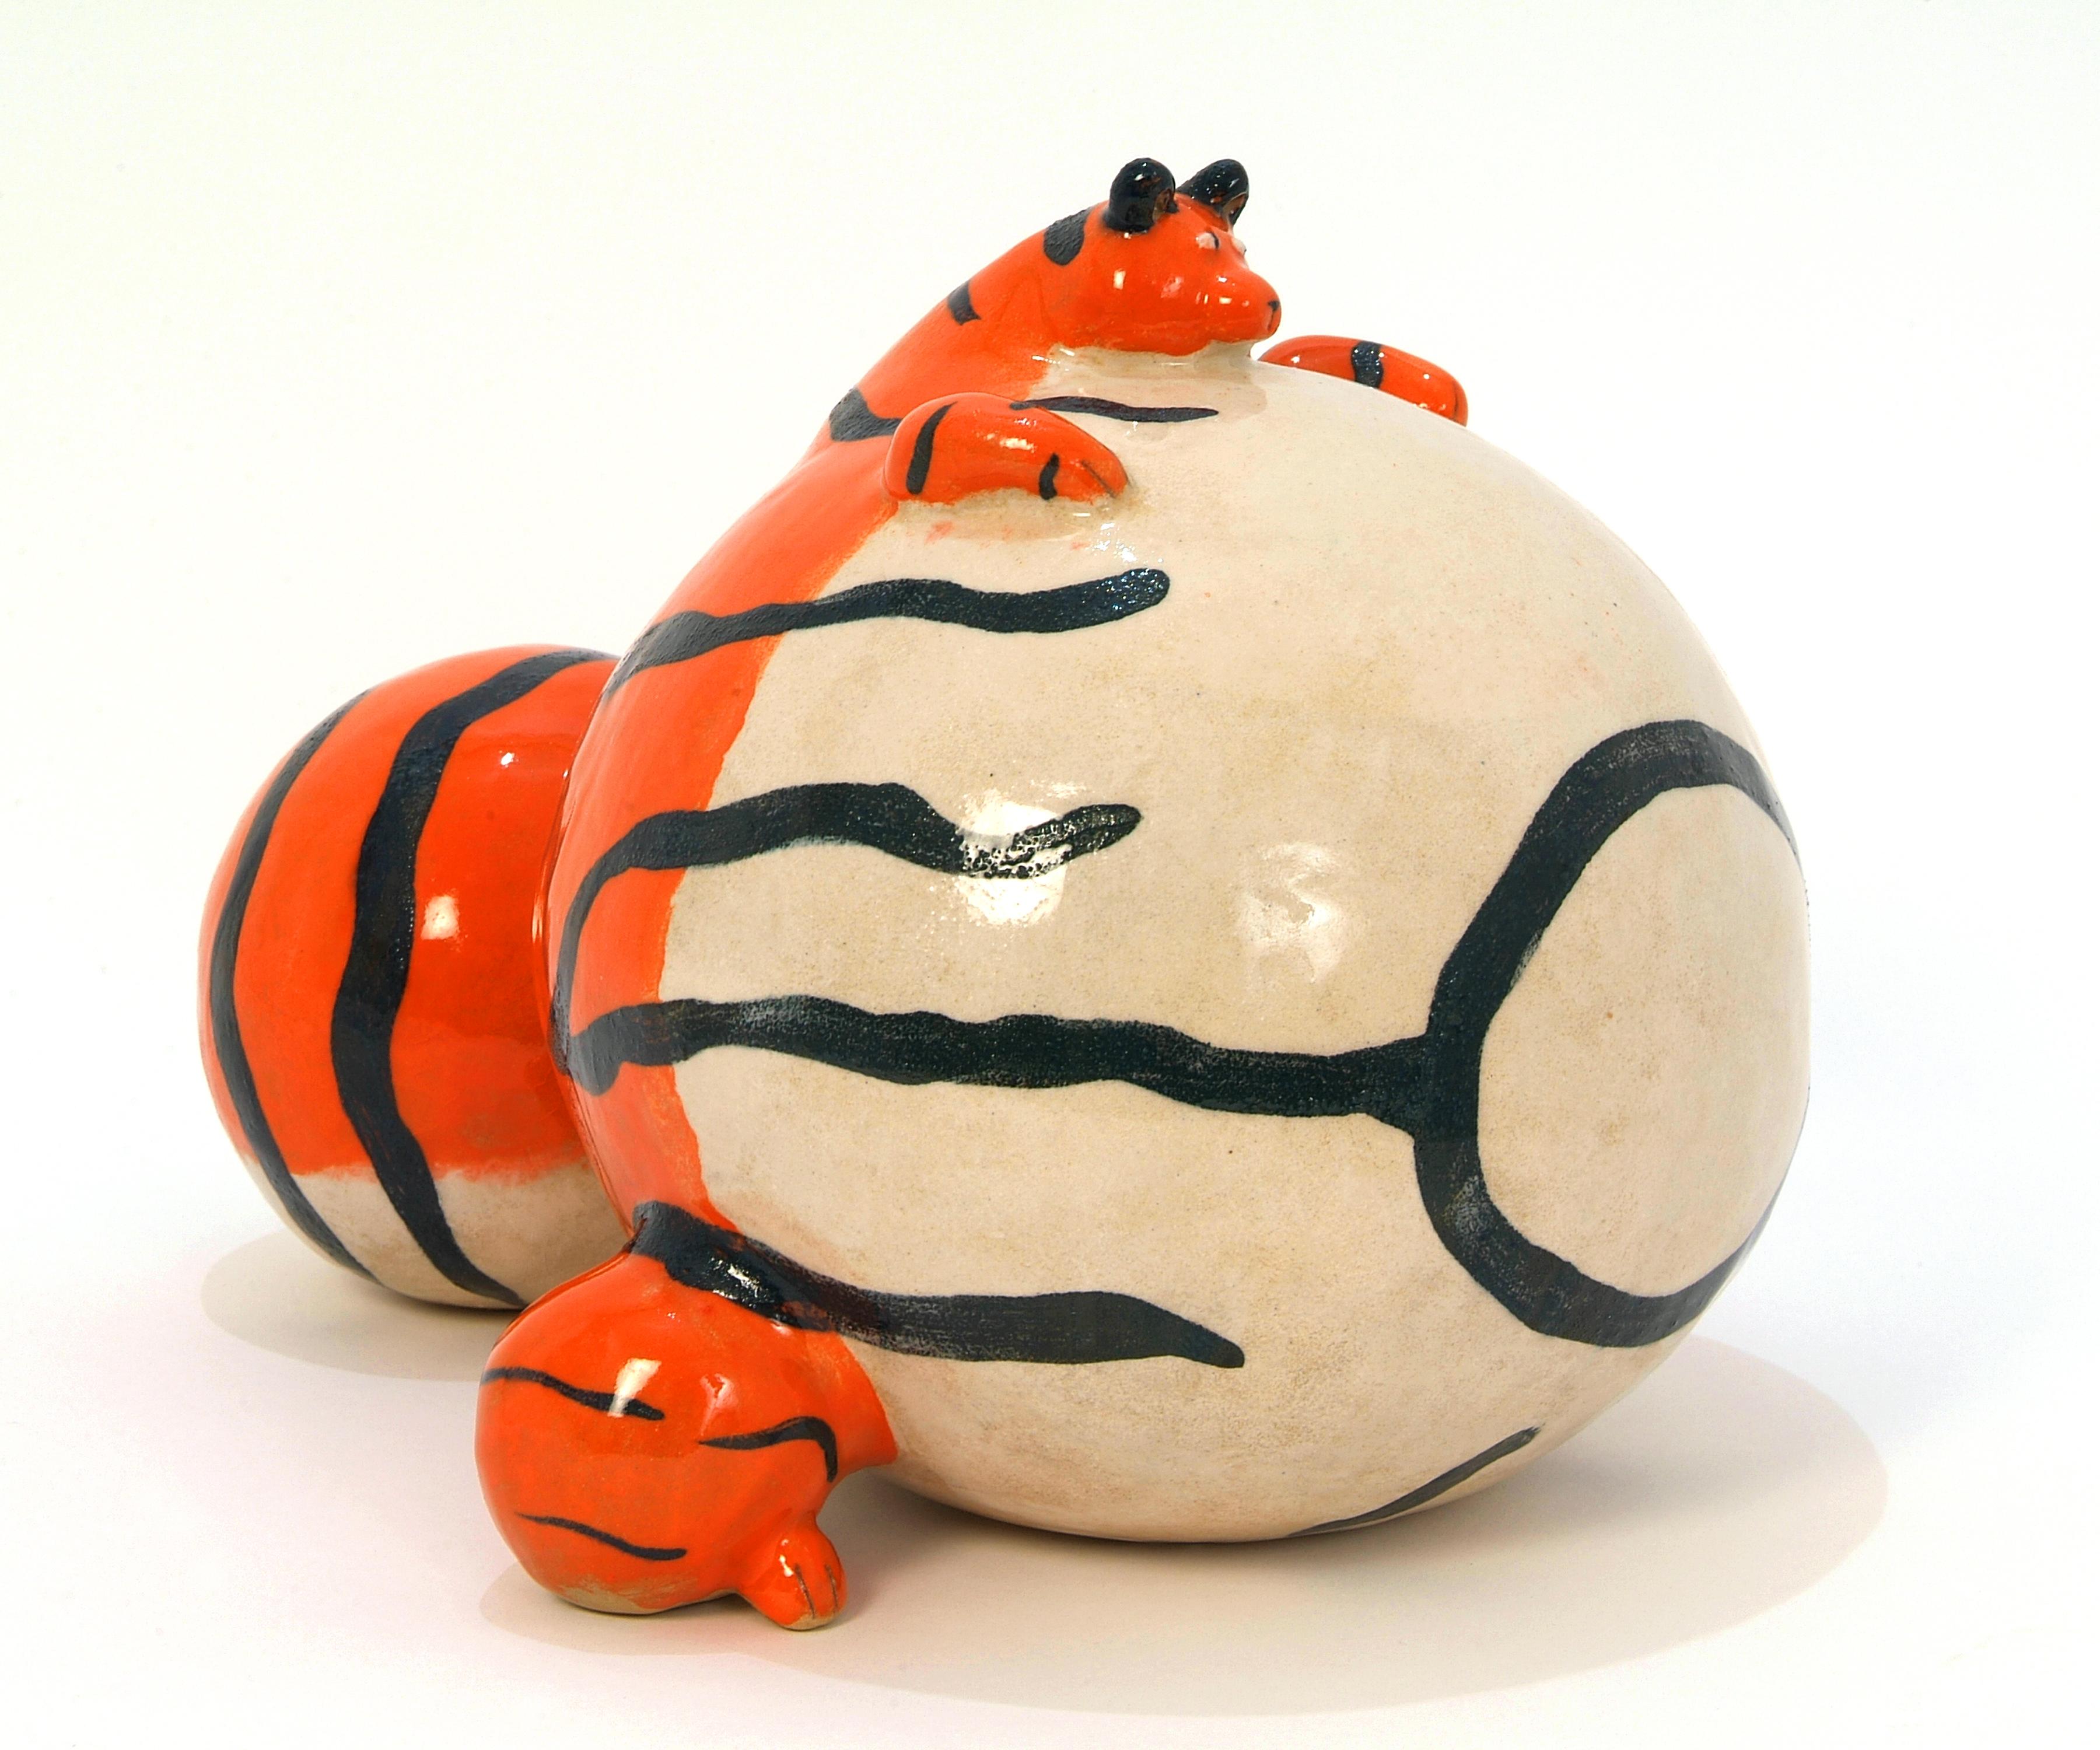 tiger_1 by Jason Pape